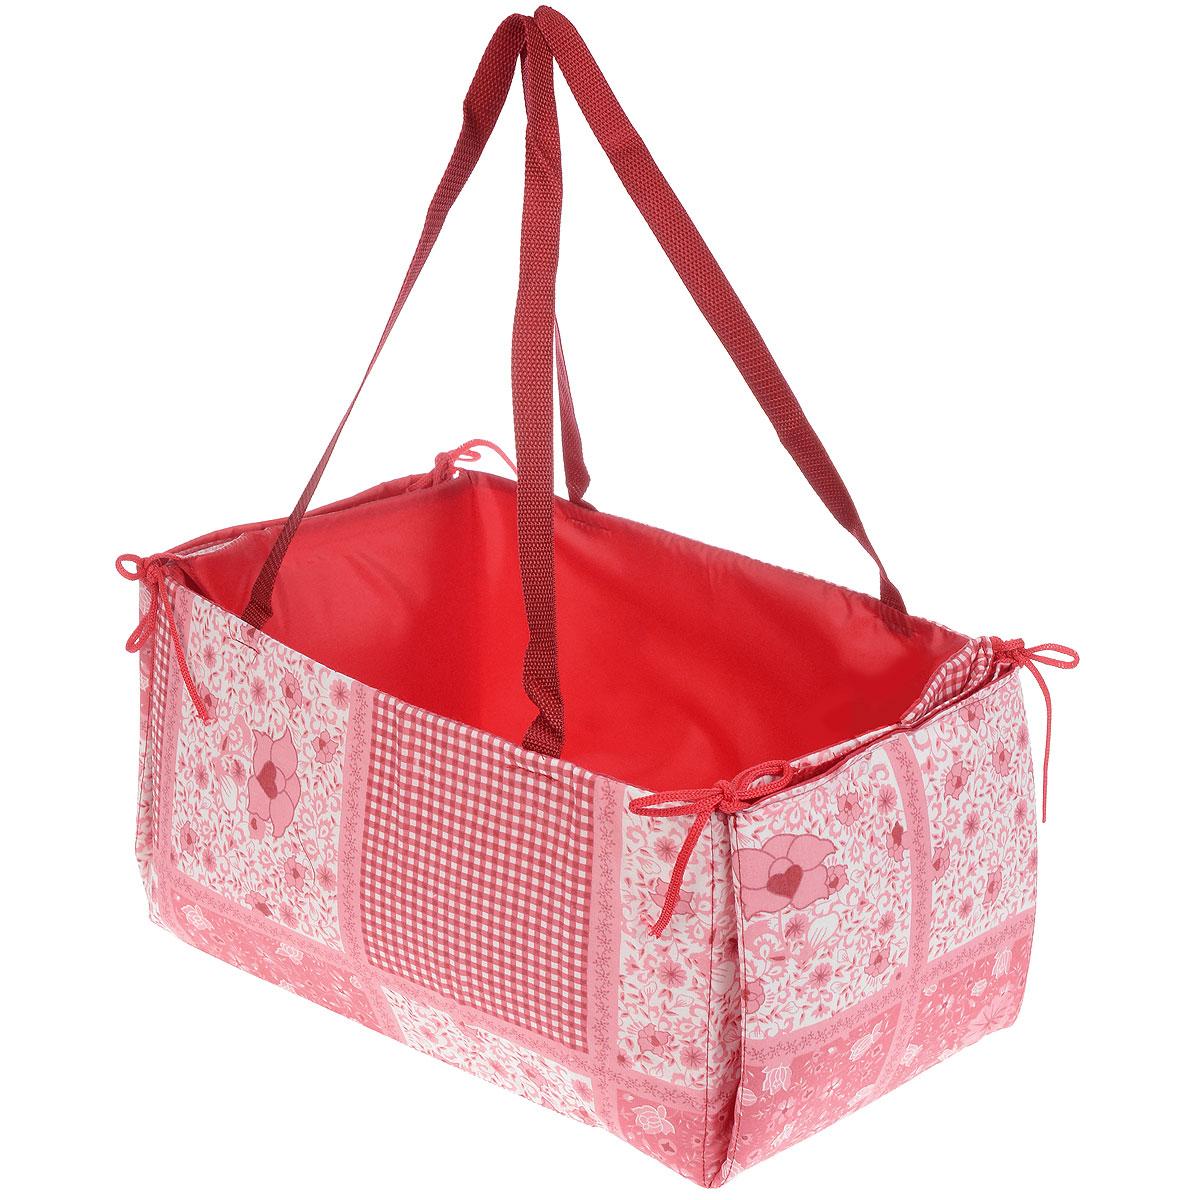 Коврик для пикника Eva Лукошко, цвет: красный, 70 х 87 смК16 красныйКоврик для пикника Eva Лукошко, изготовленный из хлопка и полиэтилена, может использоваться как корзина для пикника, а также вместо стола и стульев на свежем воздухе. Непромокаемая сторона защитит от грязи и влаги, а также будет идеальной поверхностью для чистки и сортировки грибов и ягод. Коврик прекрасно подходит для отдыха на природе, для пикников, туристических походов и путешествий. Имеет два способа сложения. Размер коврика: 70 х 87 см. Размер (в собранном виде): 40 х 35 х 23 см.